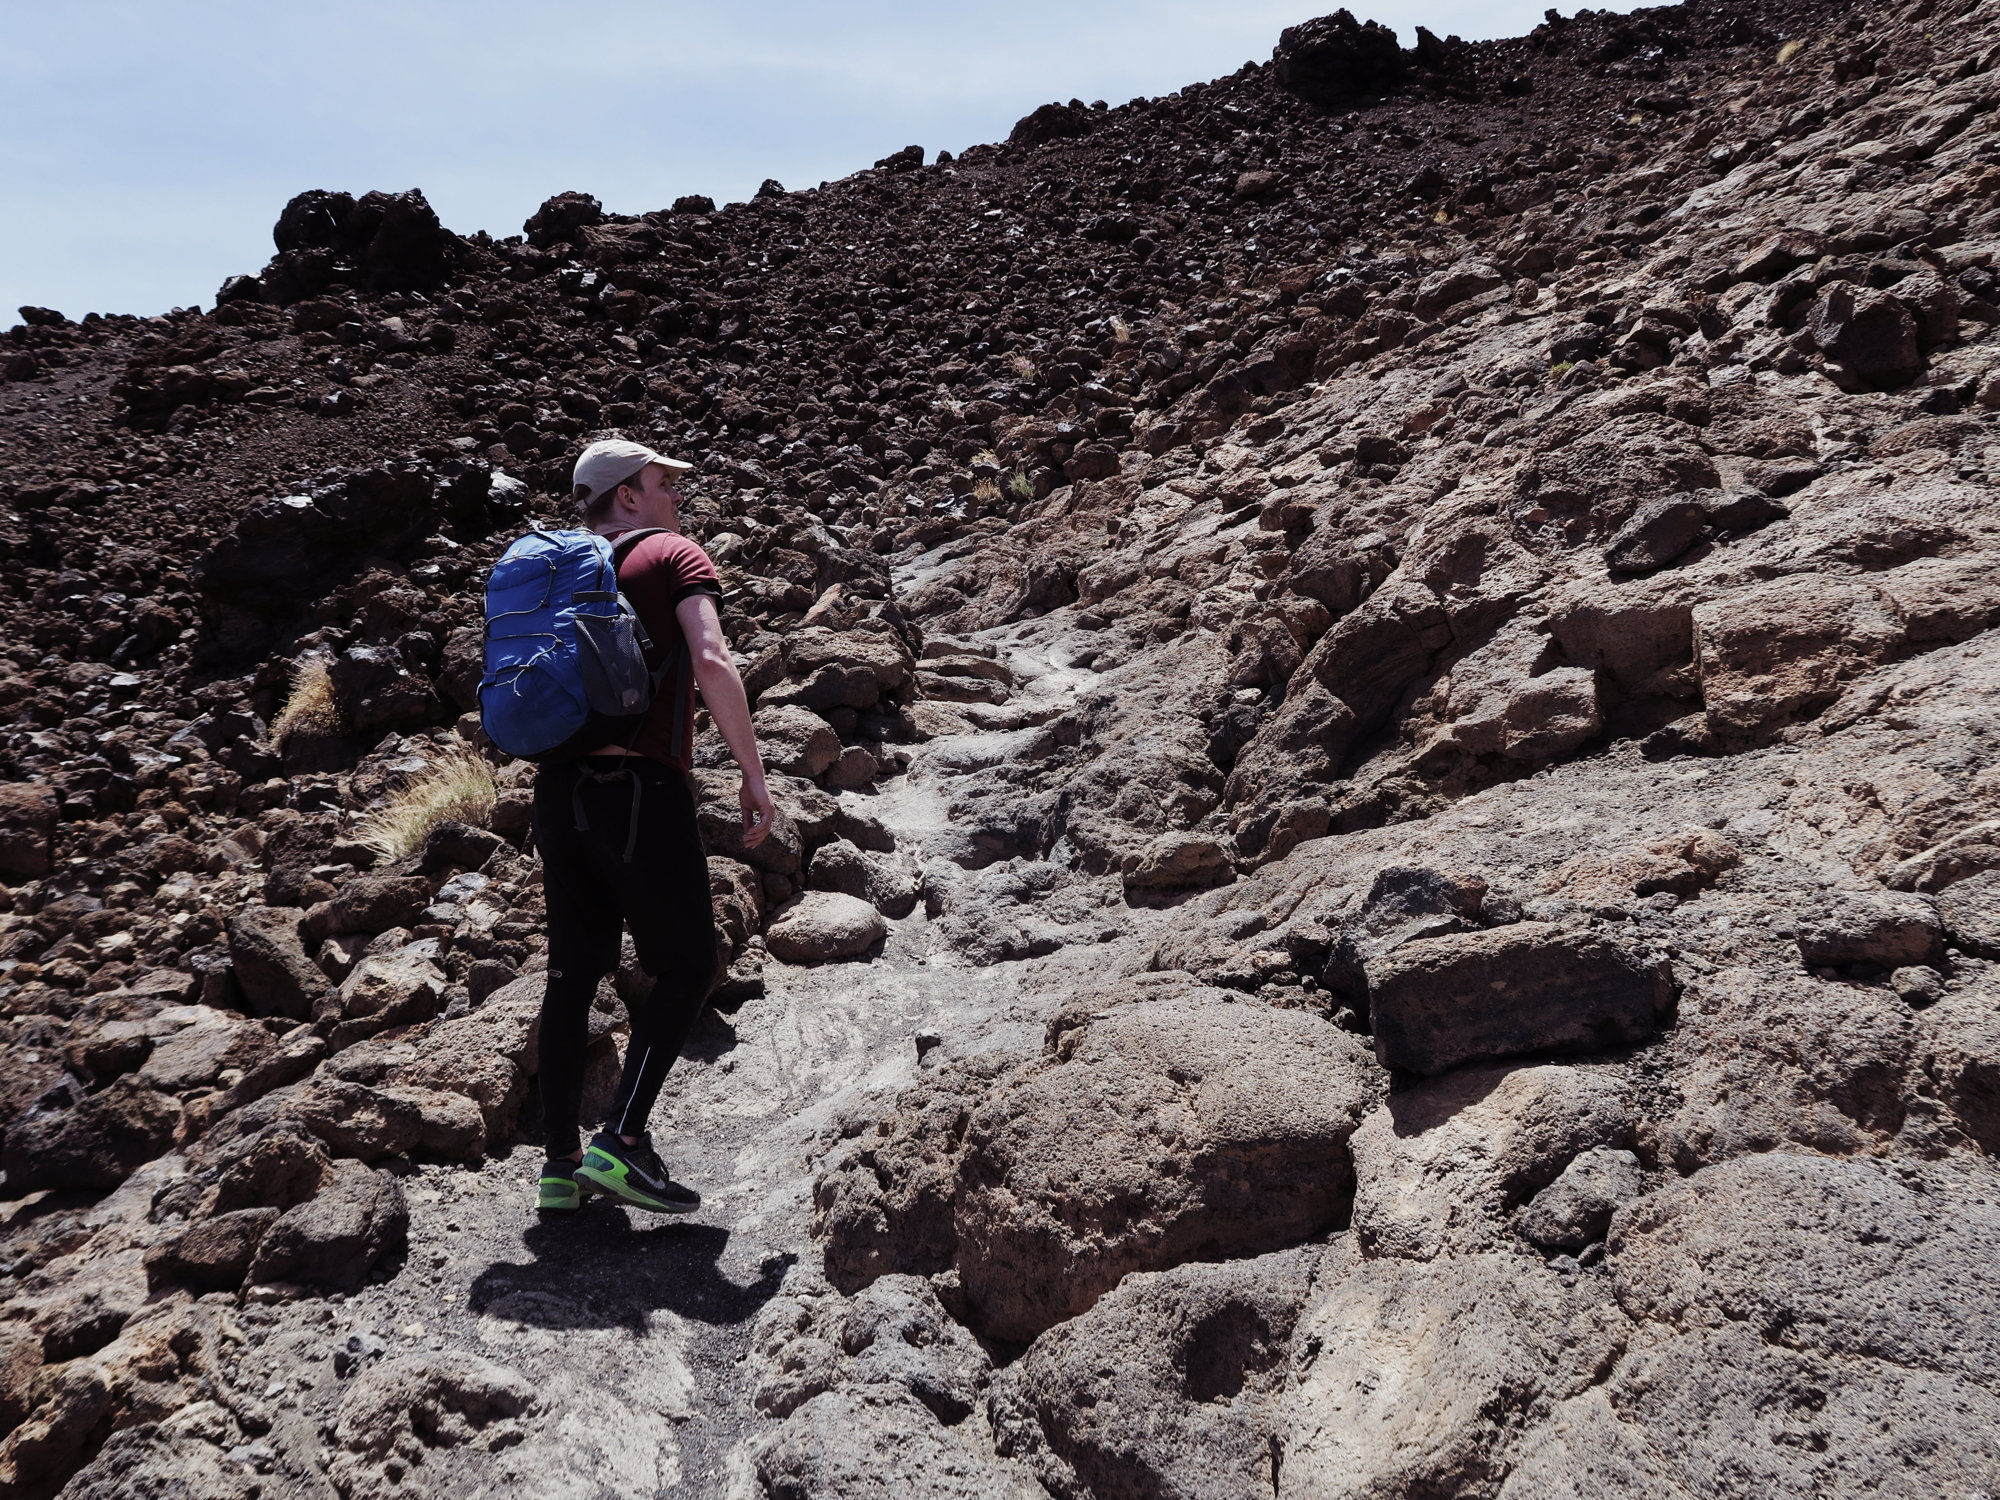 Aufstieg zur Hütte Refugio Altavista, Teide, Teneriffa